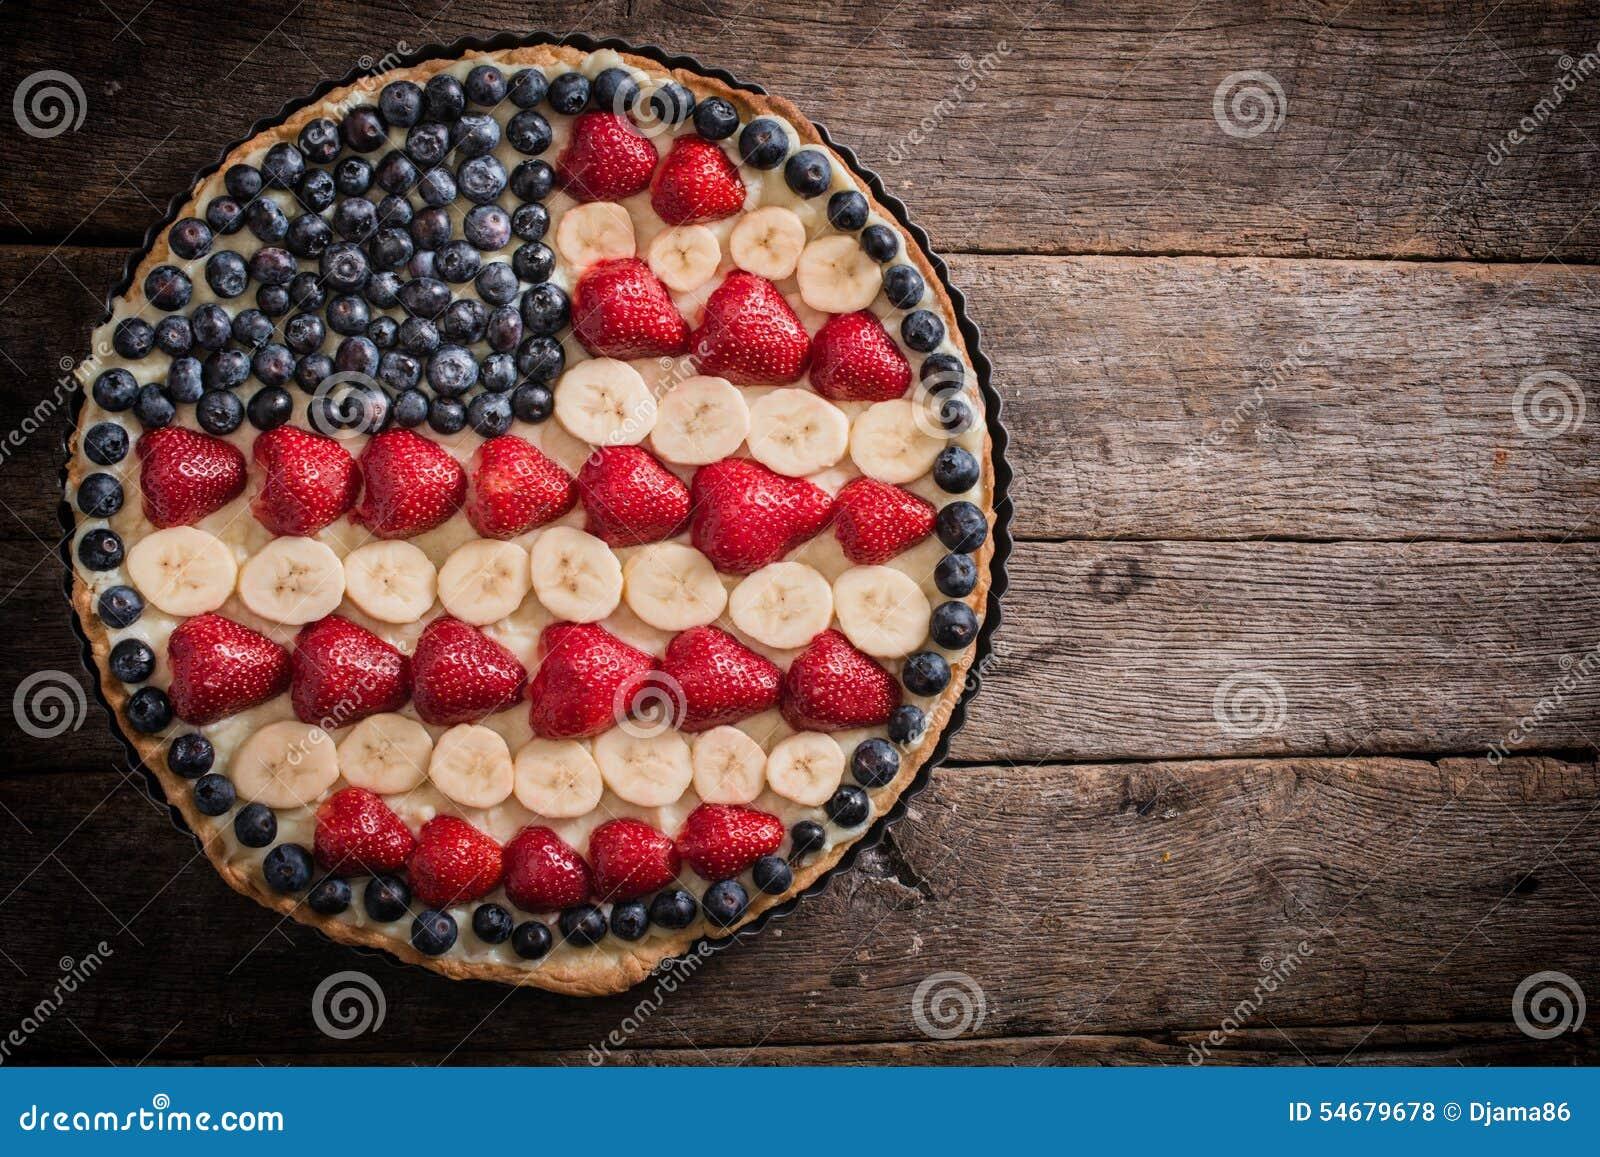 Amerika Torte Backen Hausrezepte Von Beliebten Kuchen